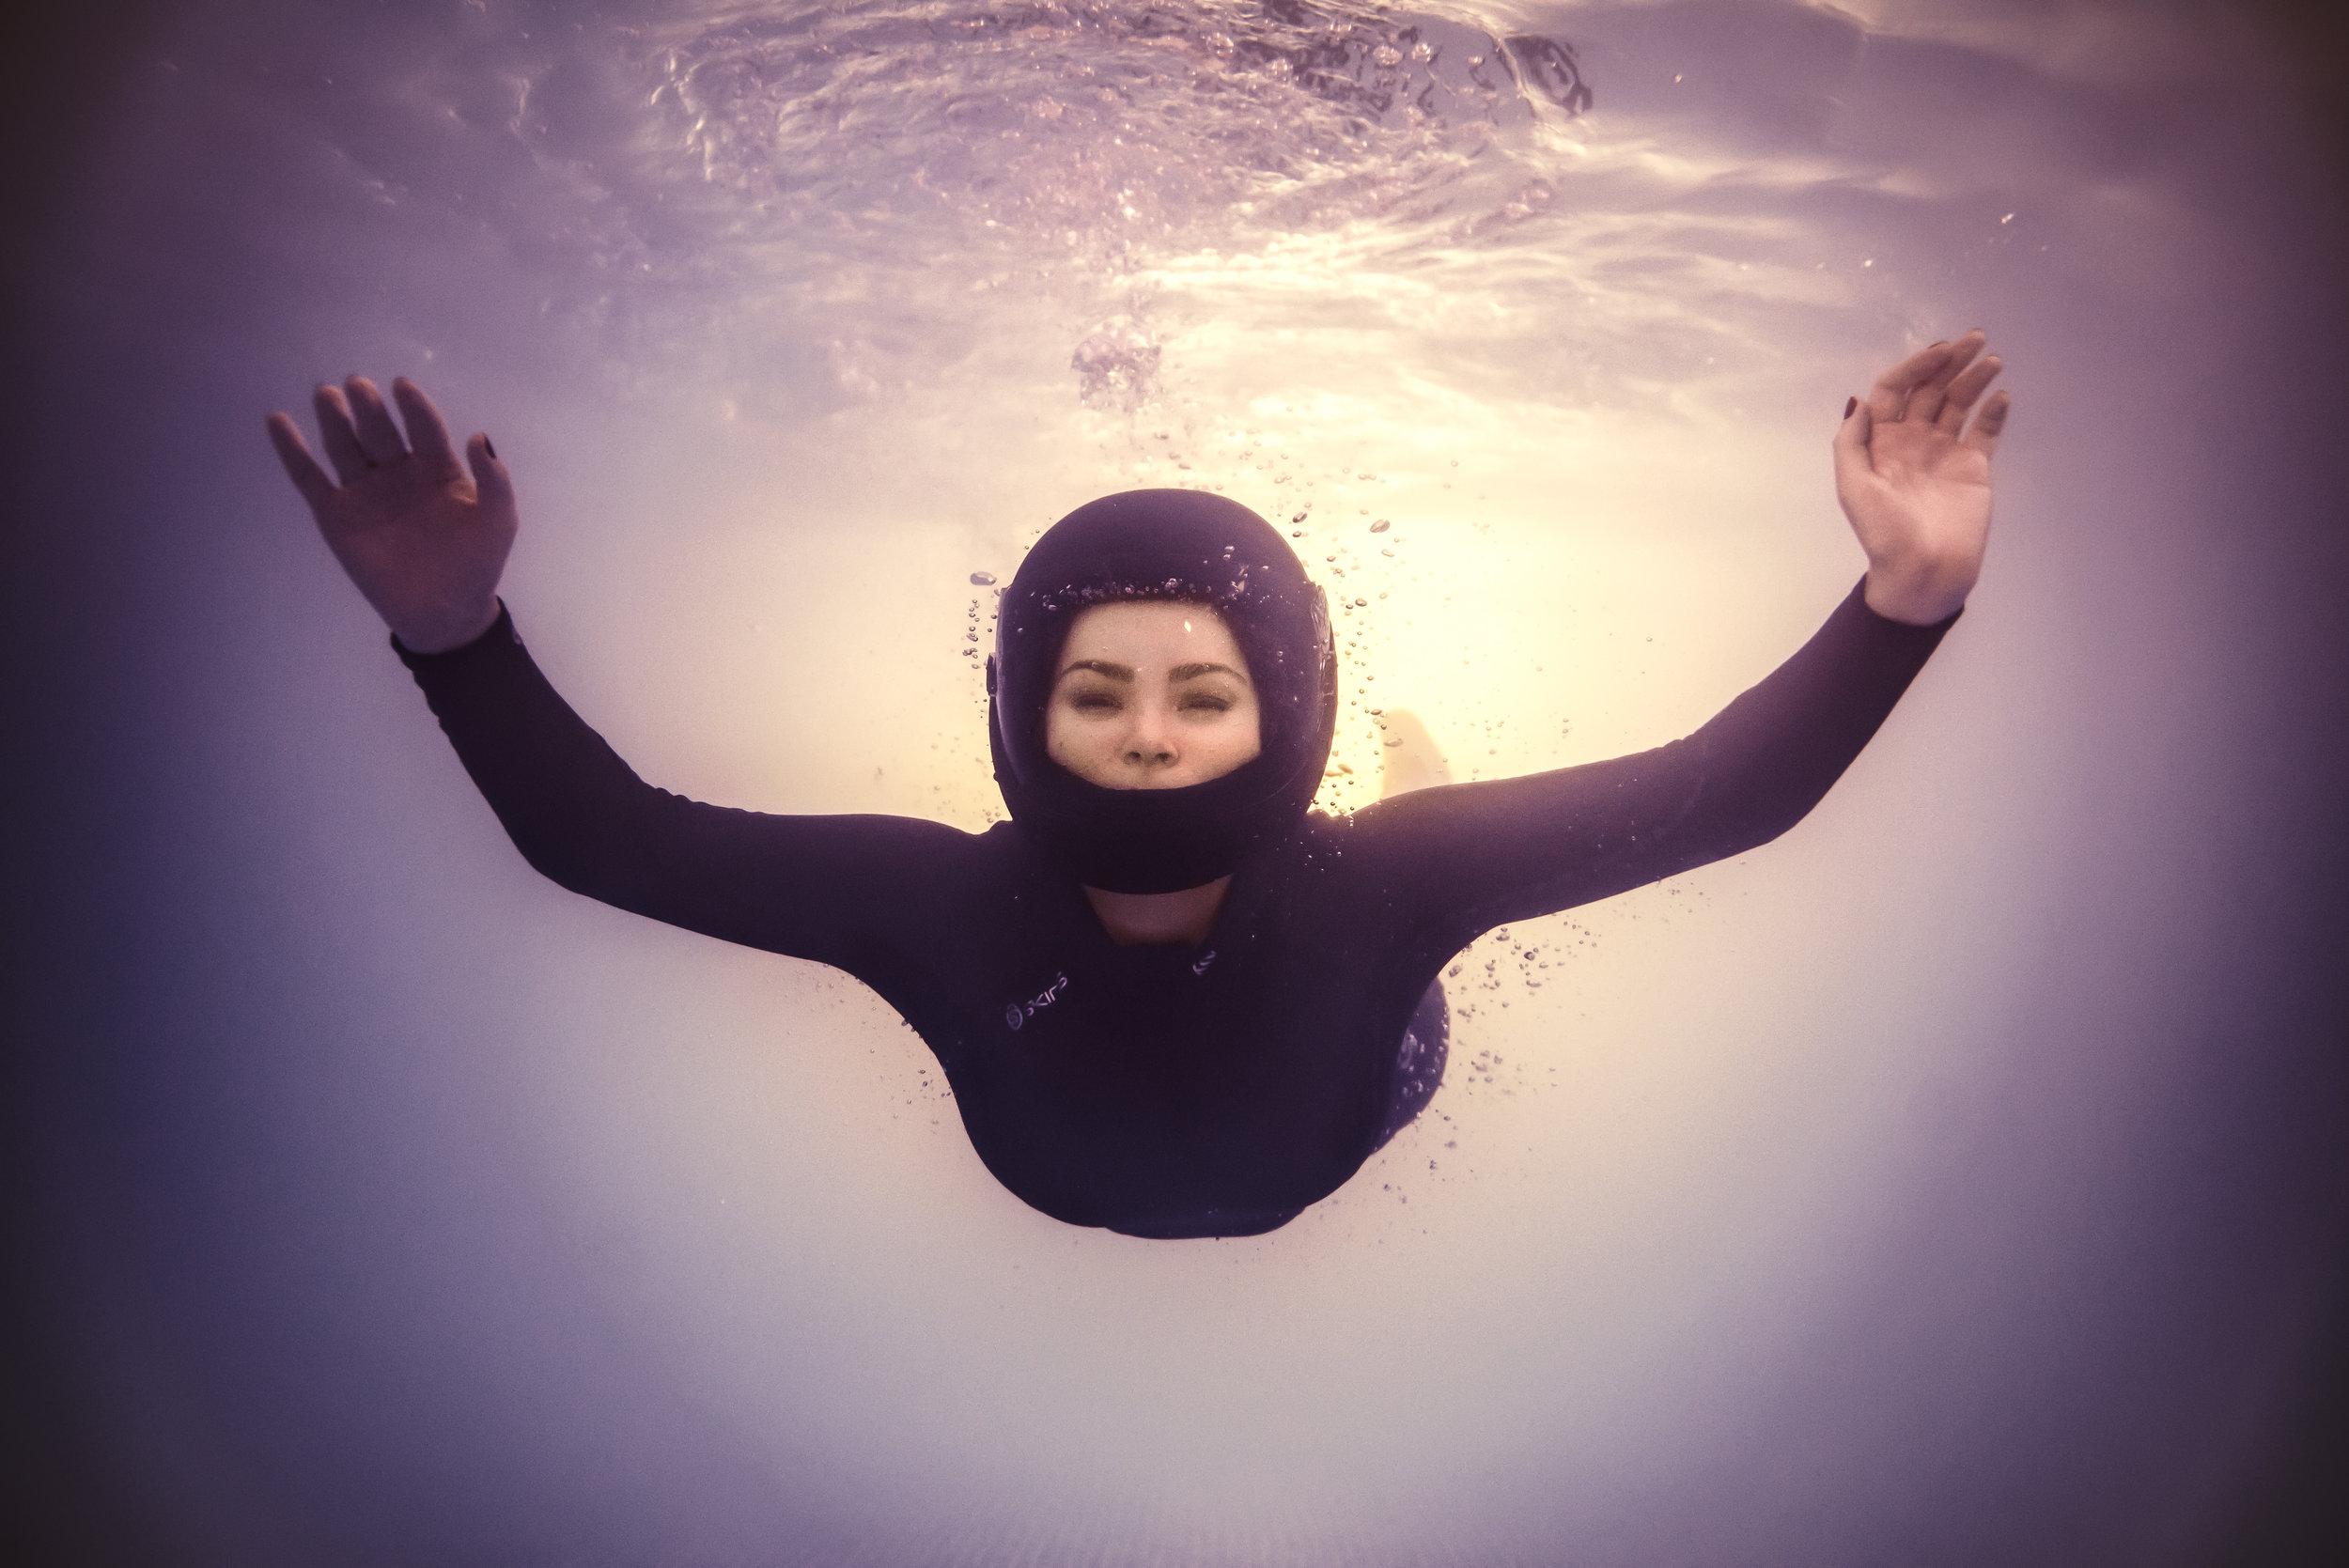 180331-Veronika-Underwater-0933-Edit.jpg